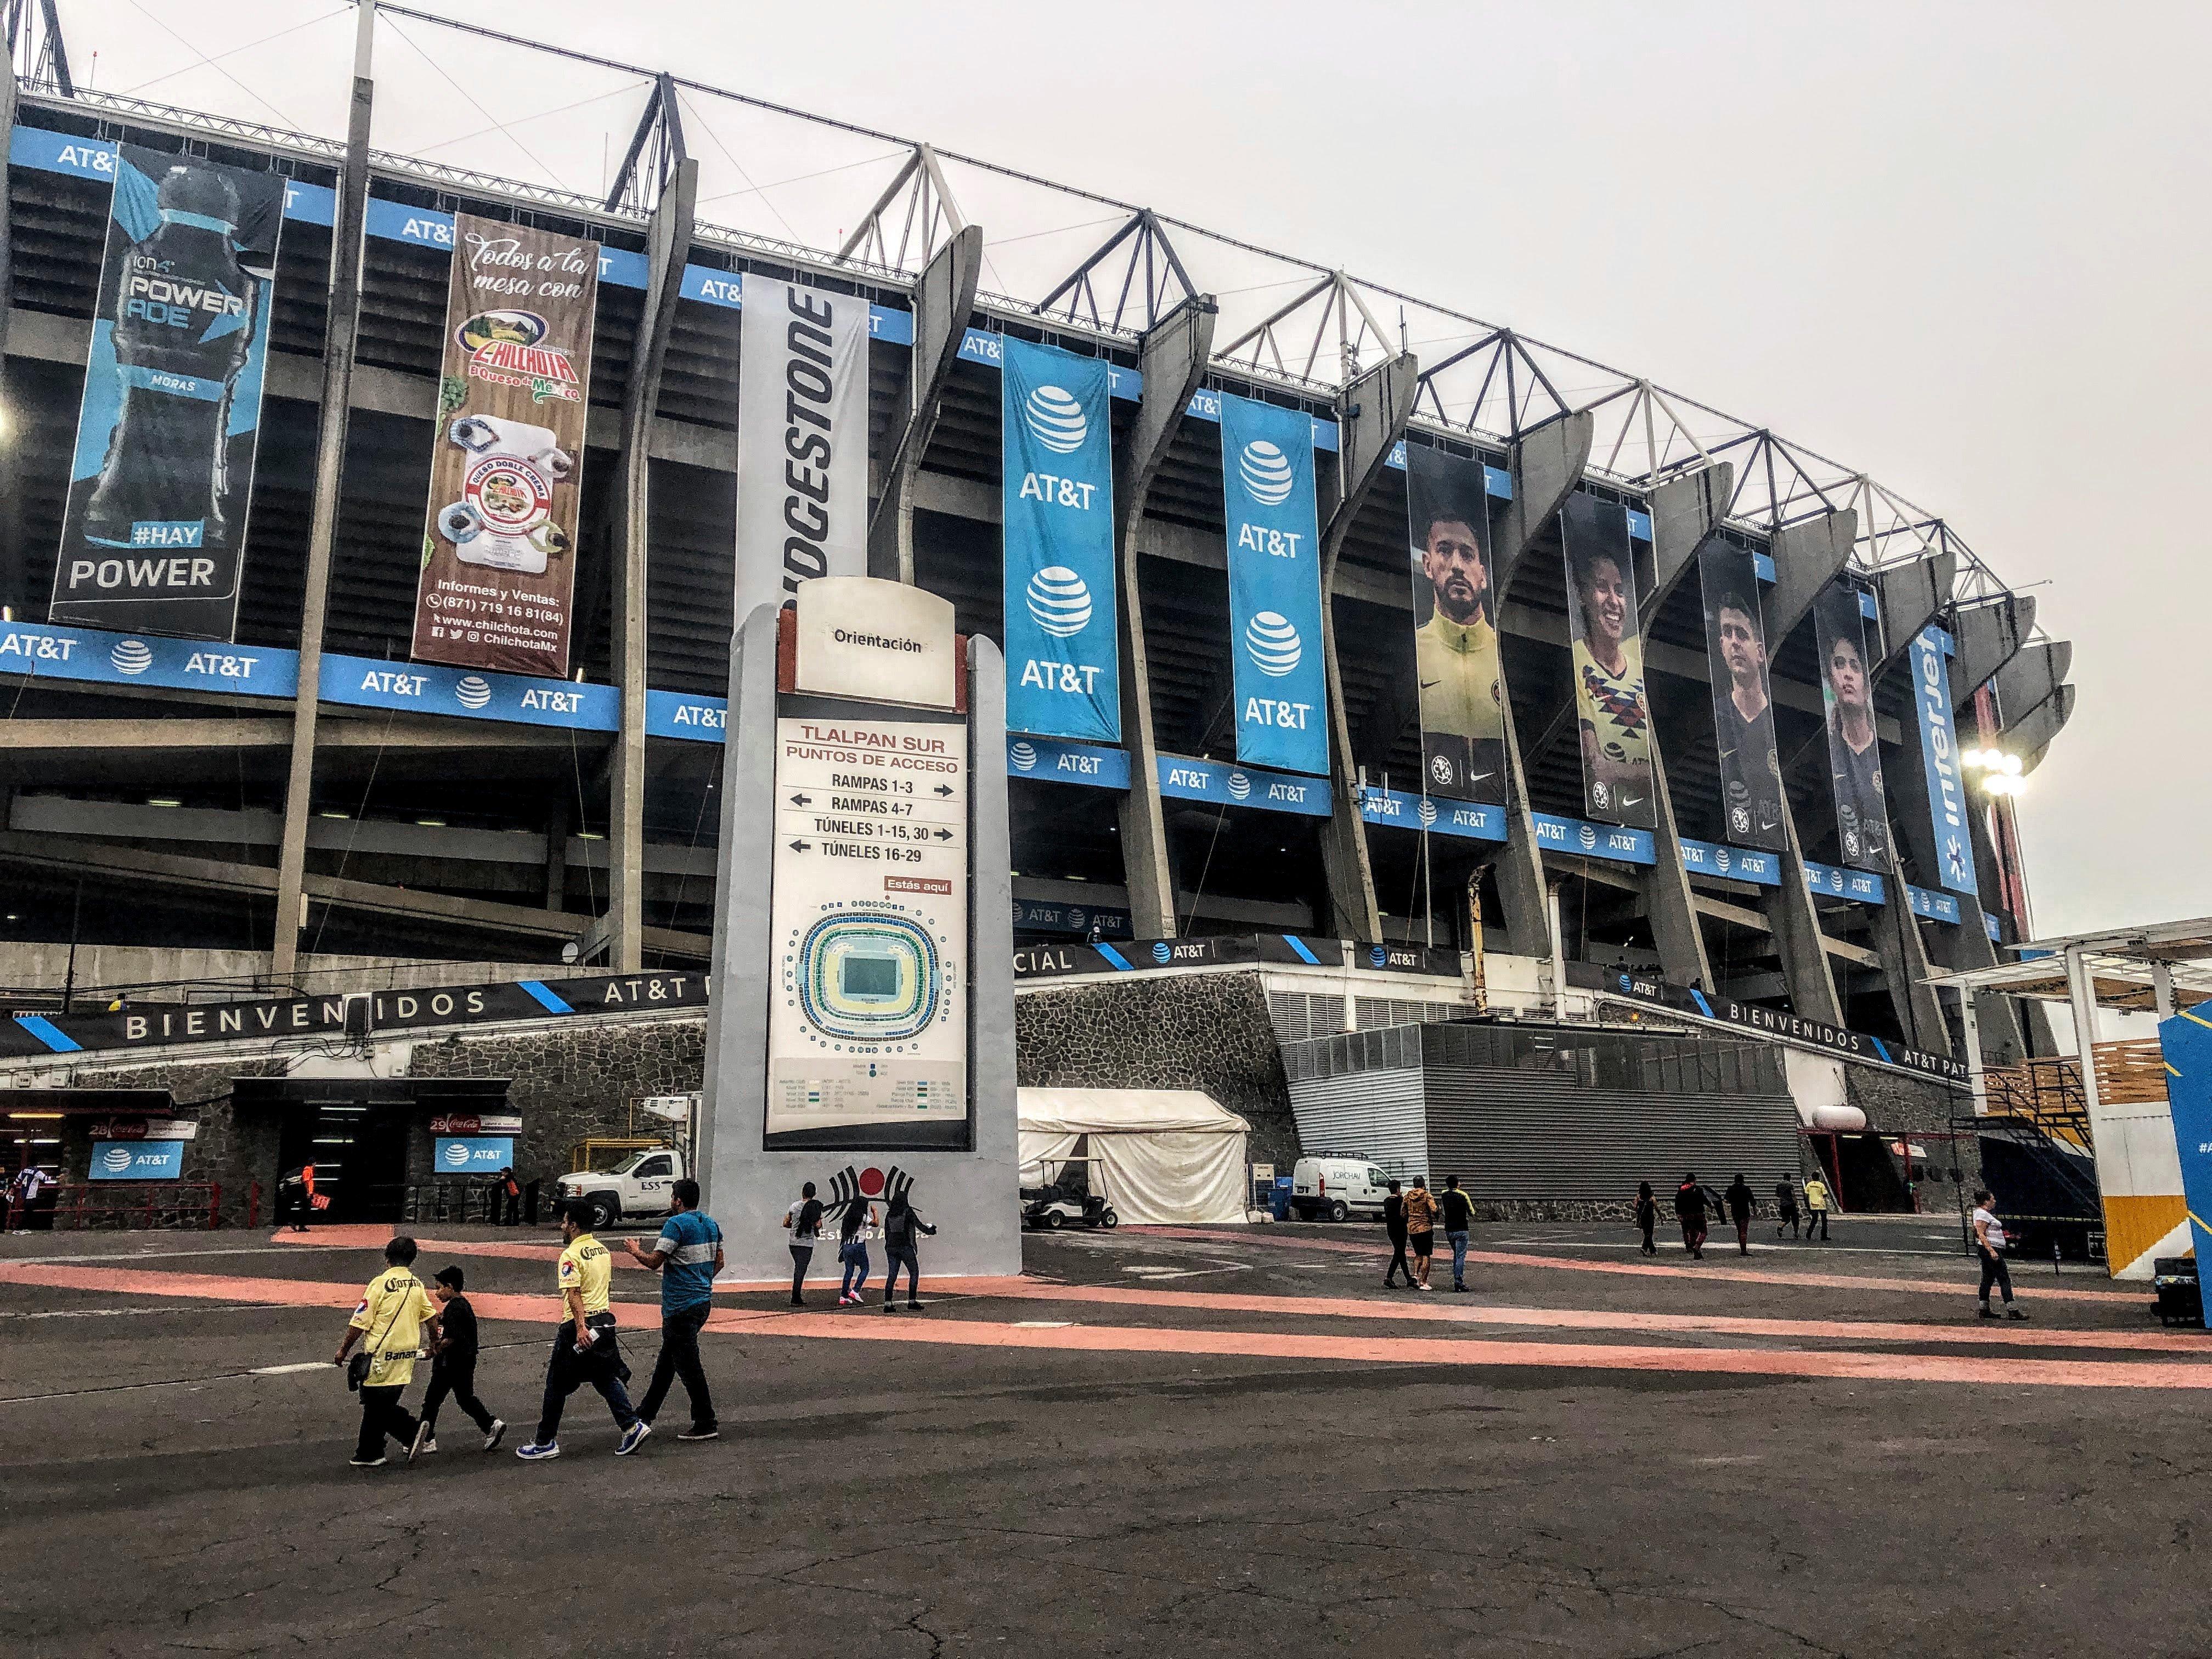 exterior of Estadio Azteca